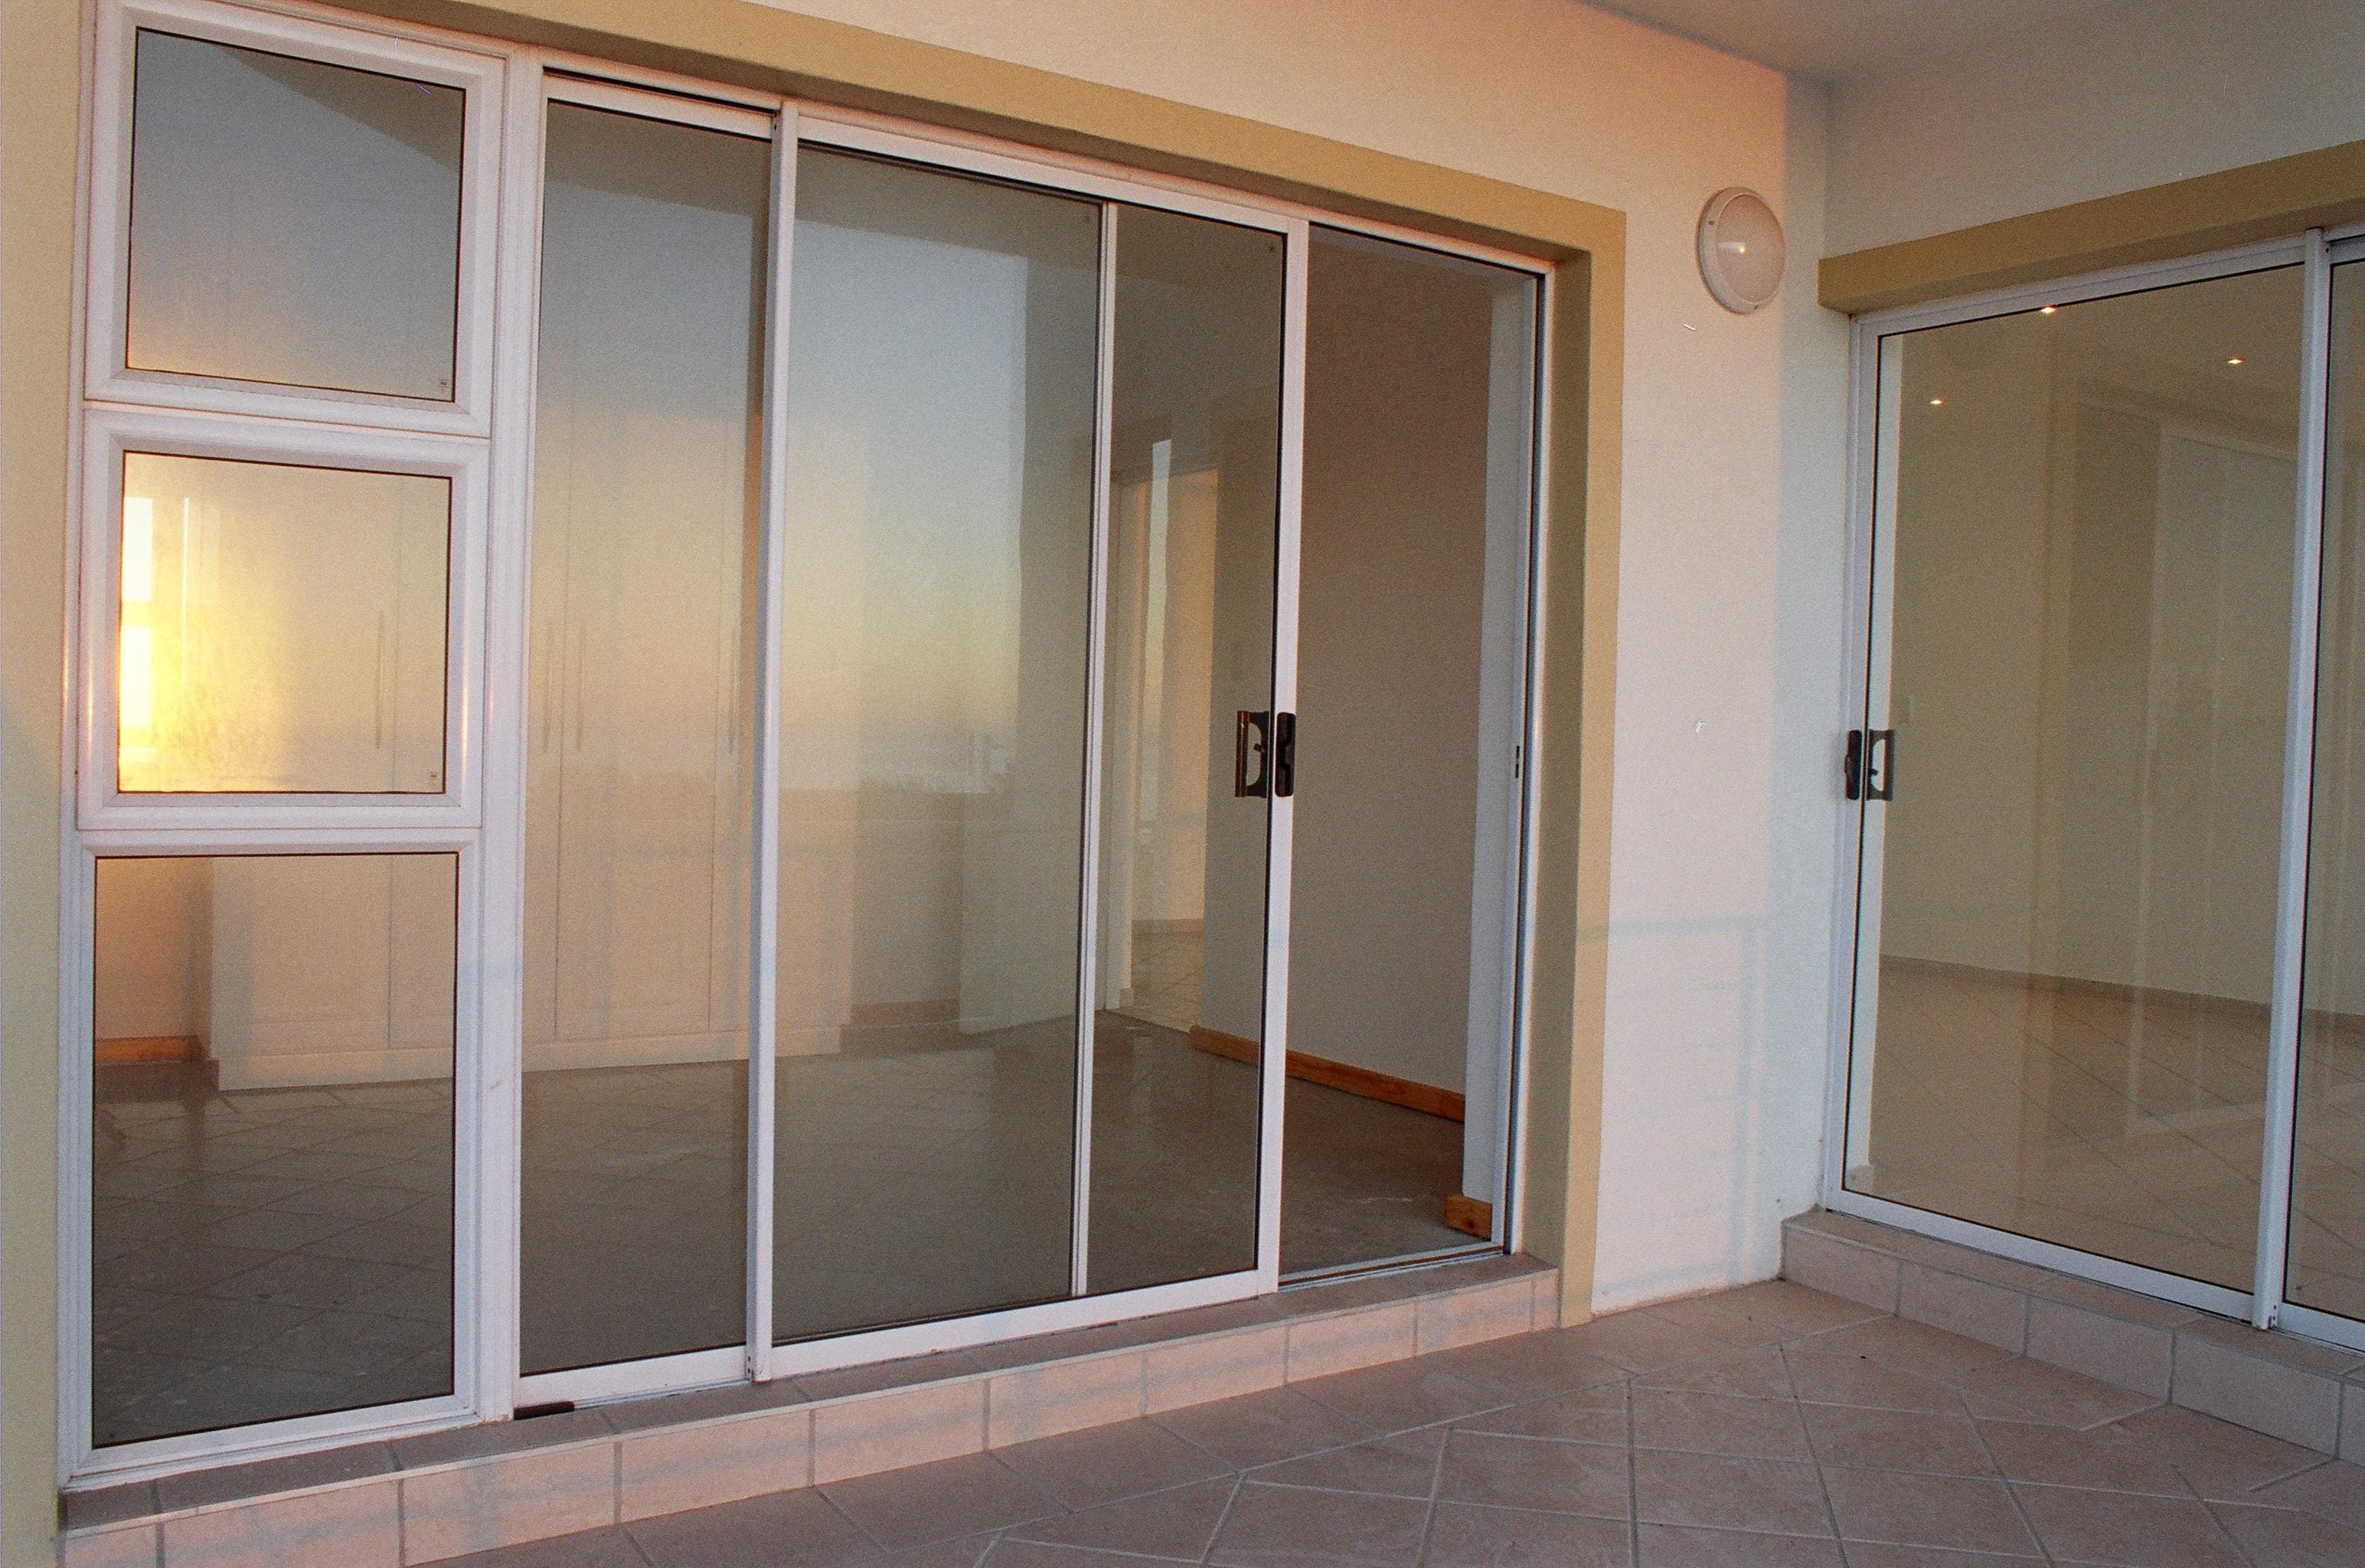 Раздвижные двери - спецремстрой - великий устюг.